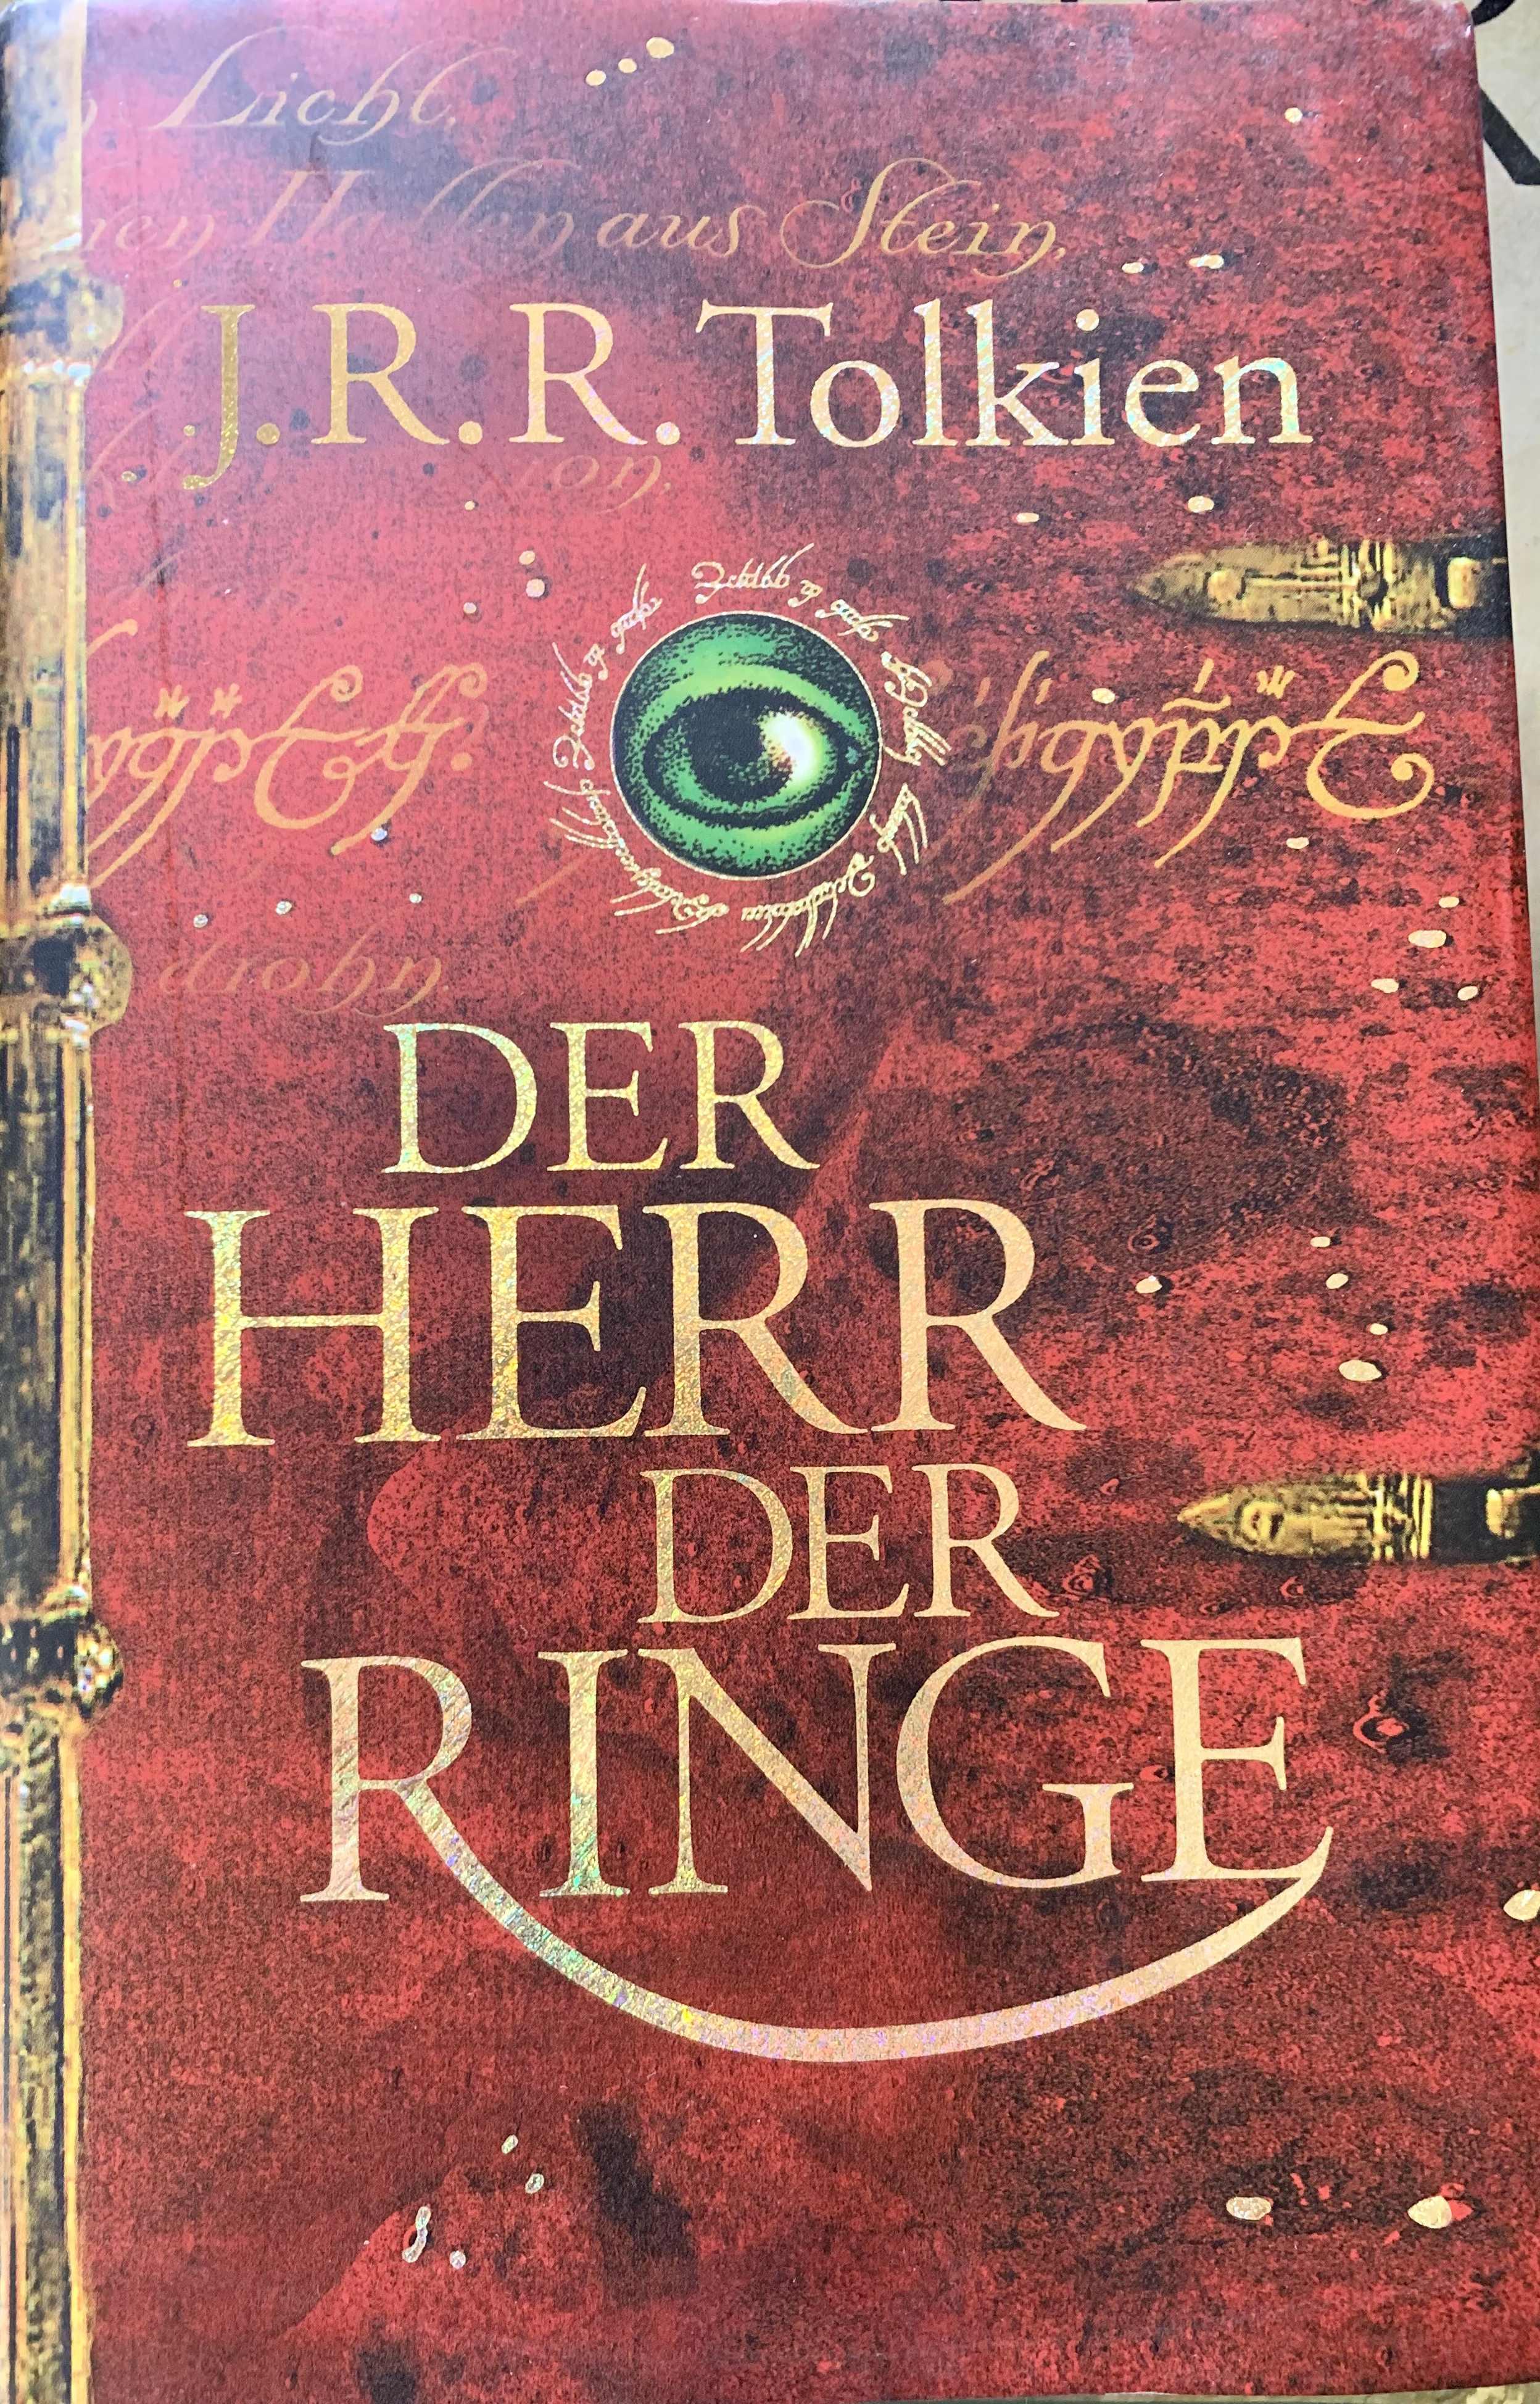 Herr der Ringe Sonderausgabe 2001: J.R.R. Tolkien